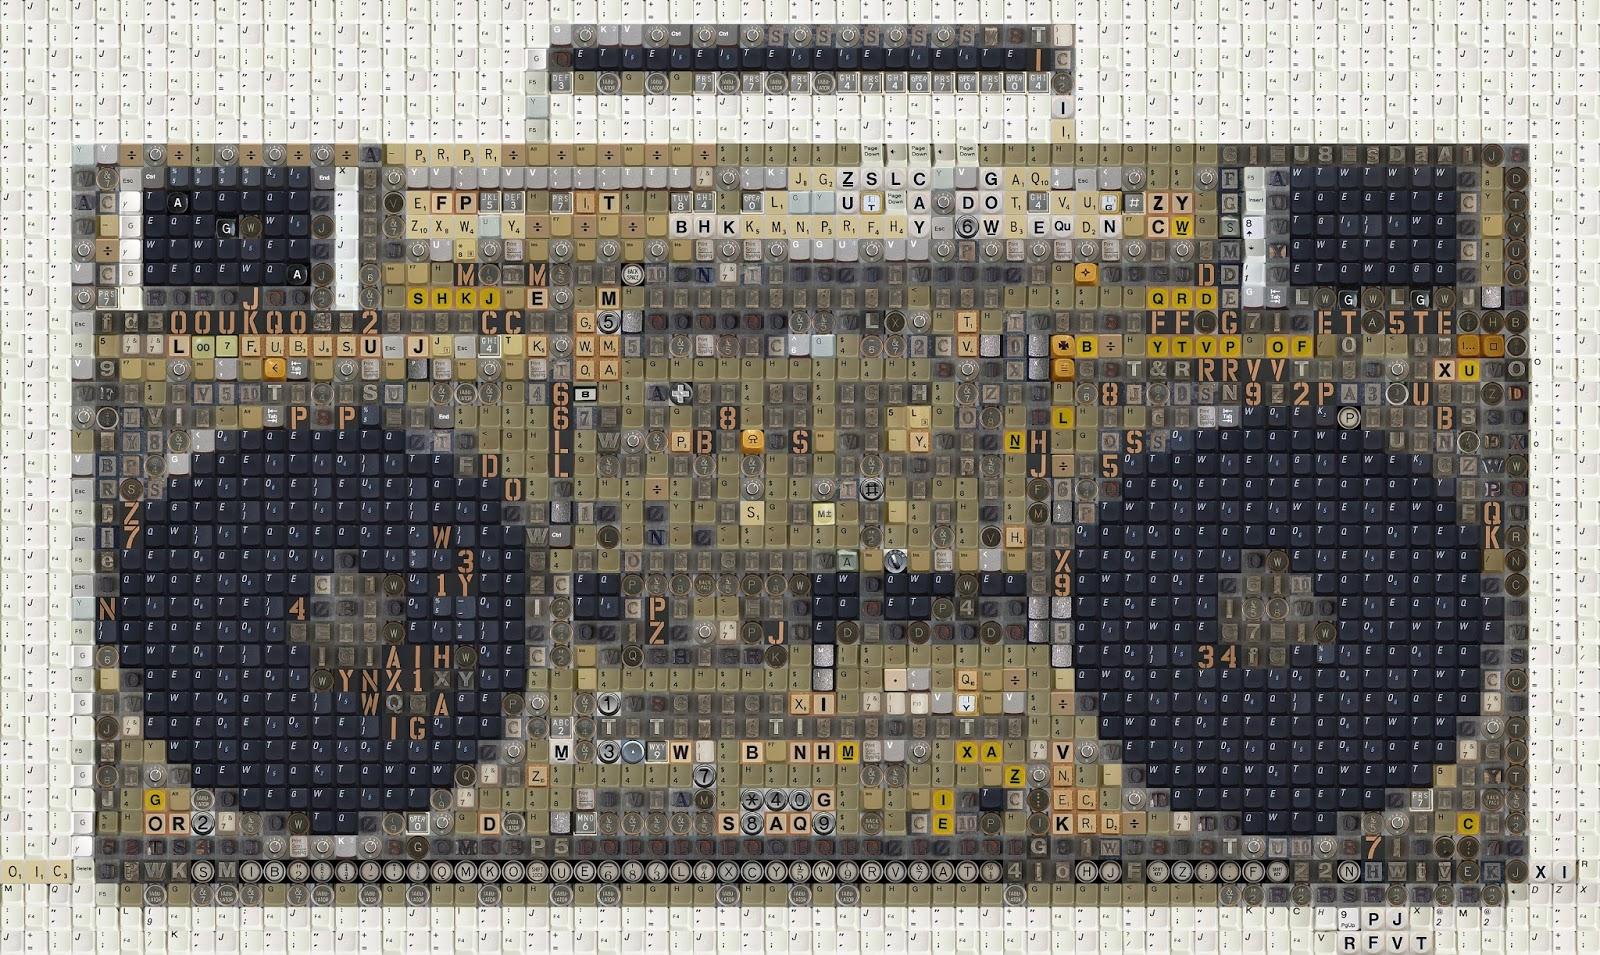 80er Elektronik - Alte Tastaturen in ein Mosaik umgearbeitet